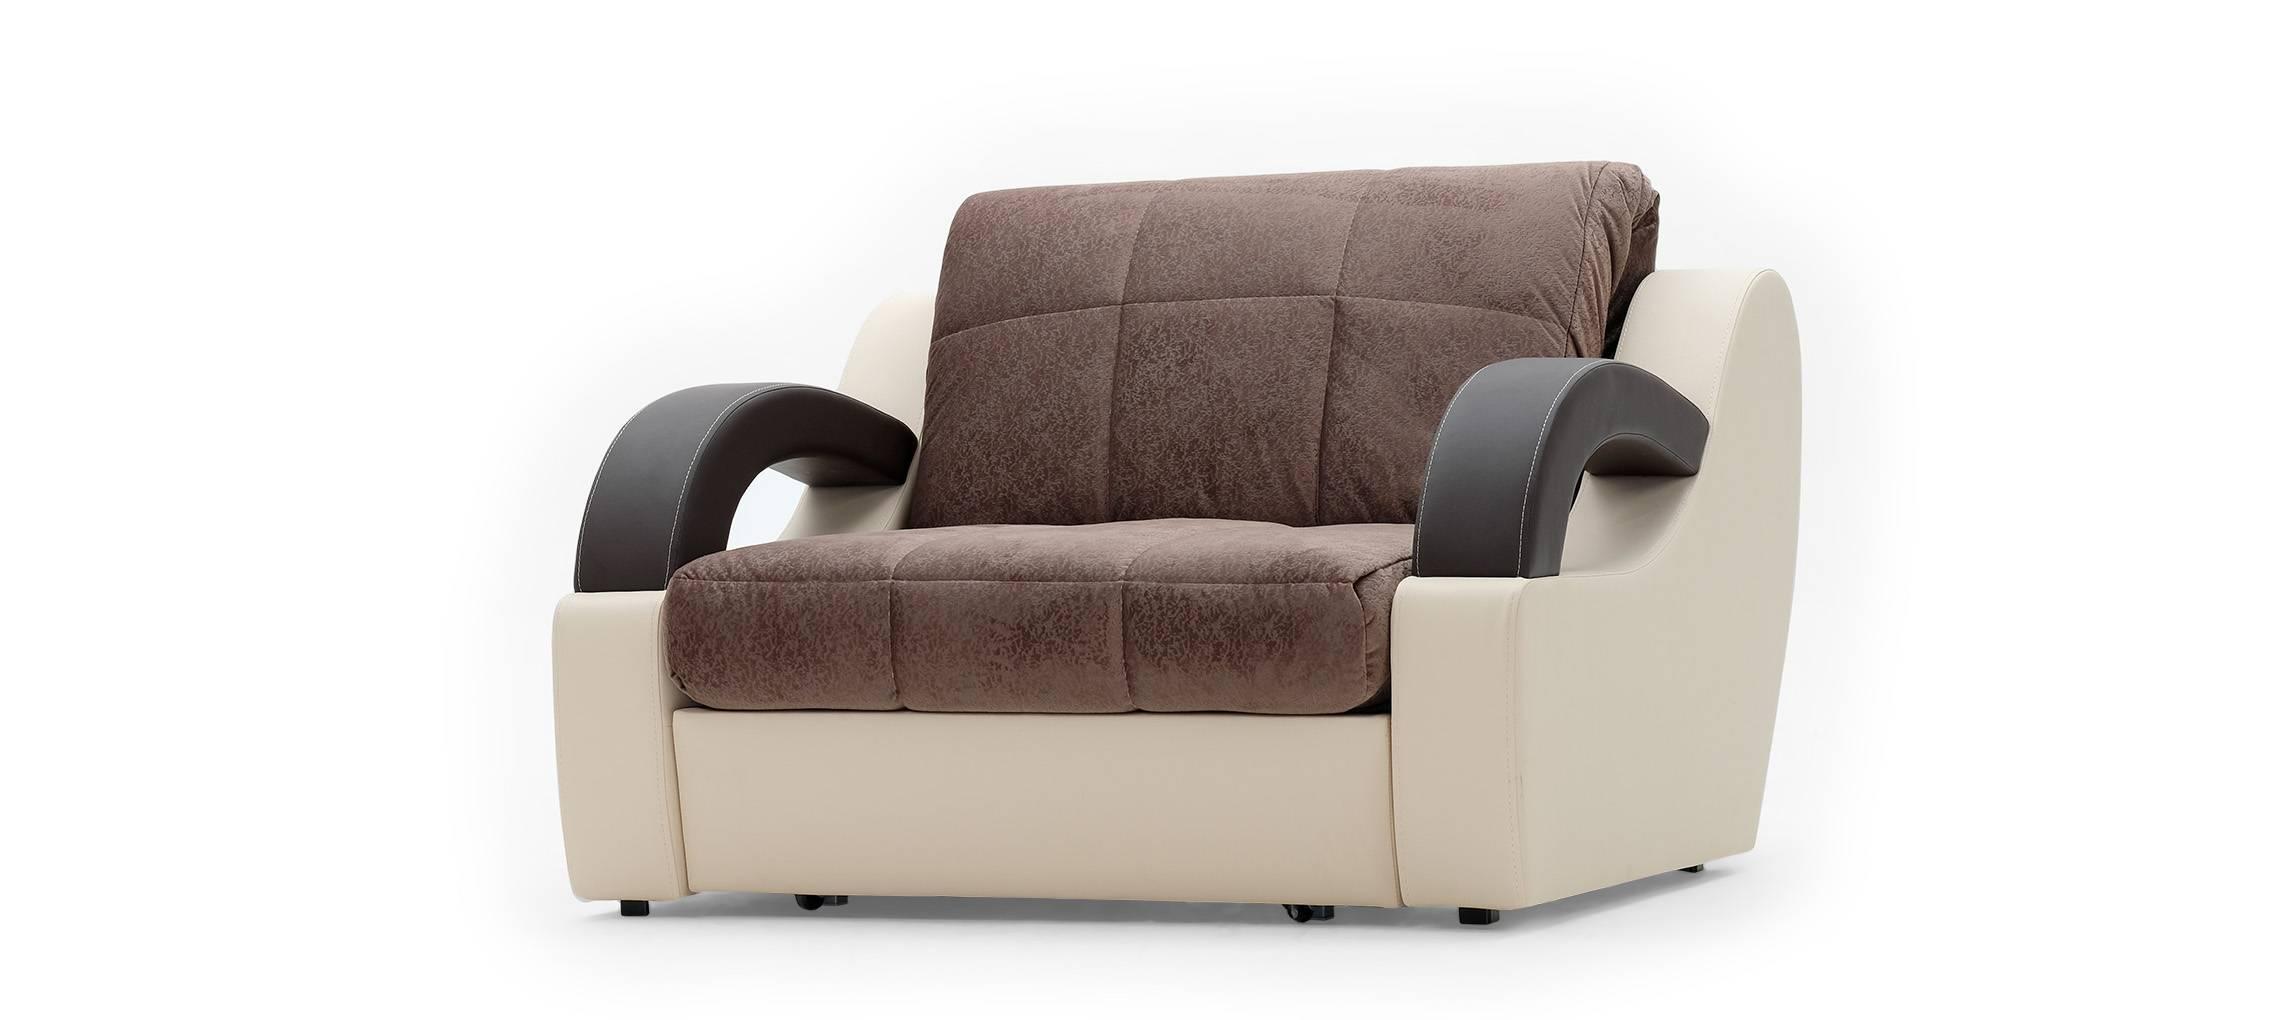 МАДРИД Кресло-кровать Olivia коричневый кожзам бежевый